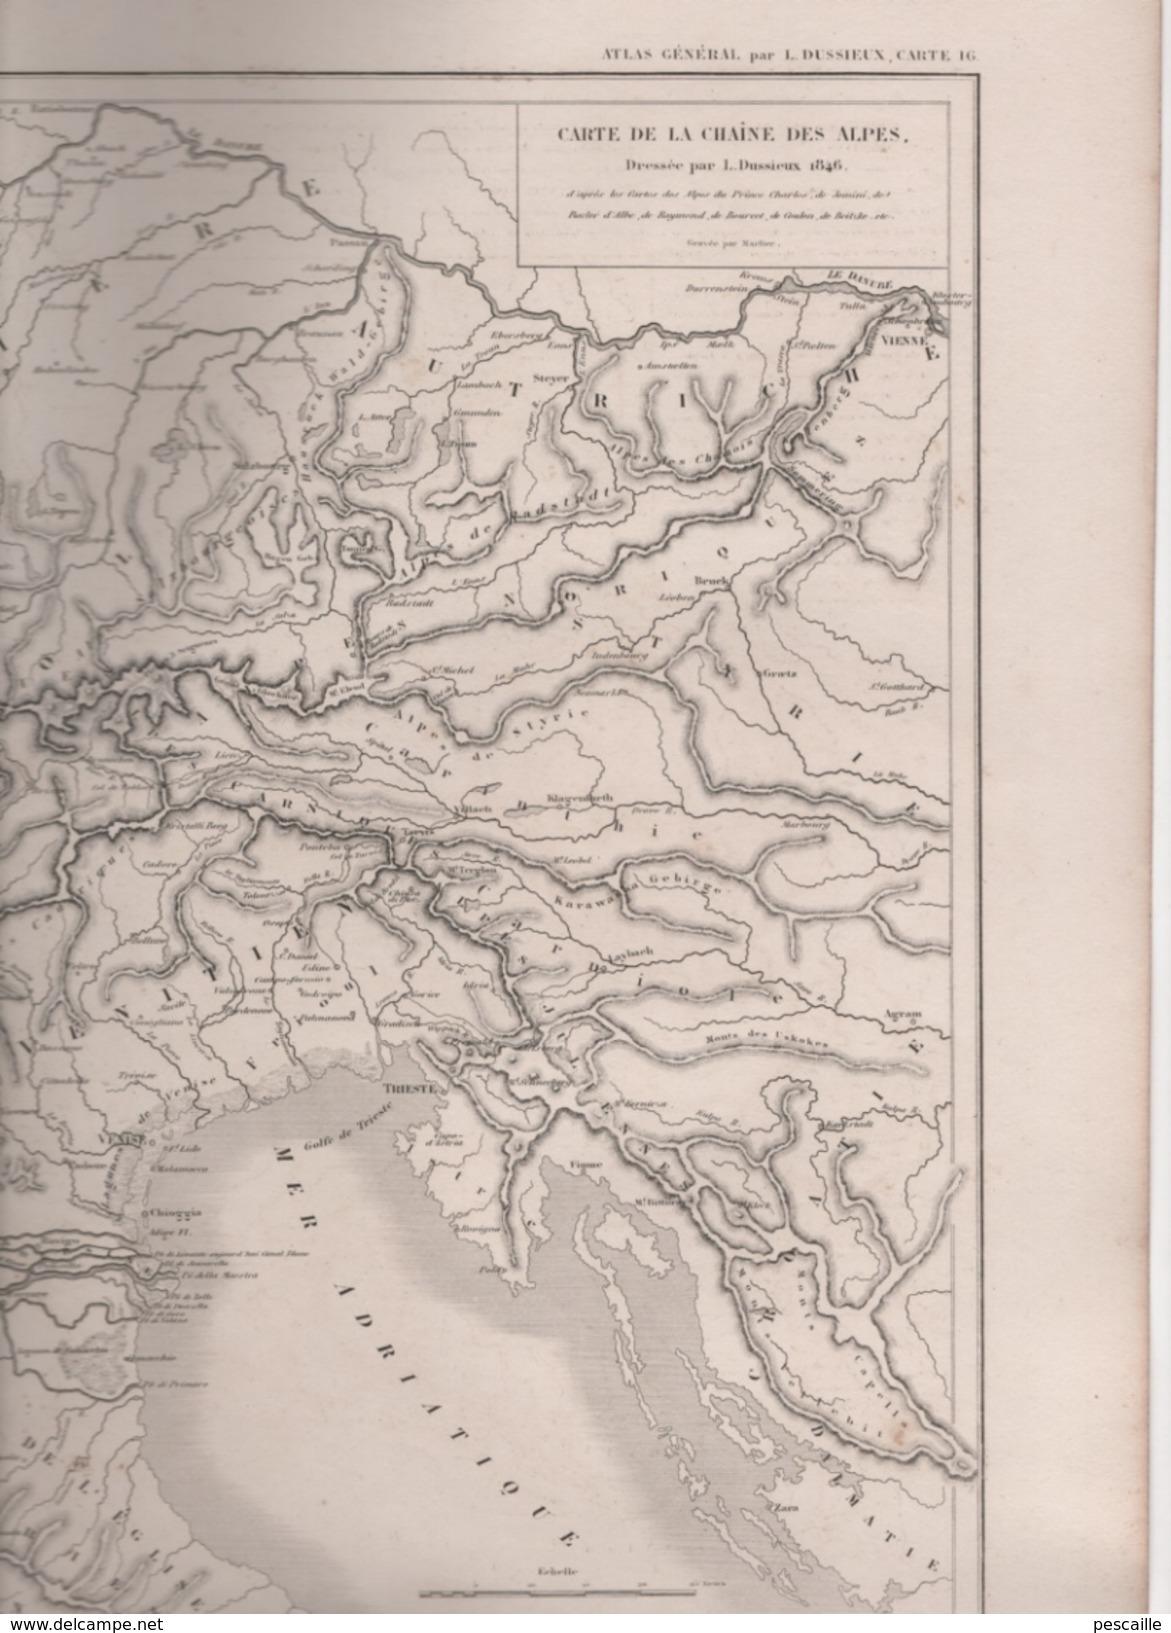 CARTE DE LA CHAINE DES ALPES DRESSEE PAR L. DUSSIEUX EN 1846 AVEC TABLEAU DES COLS DES ALPES - Carte Geographique